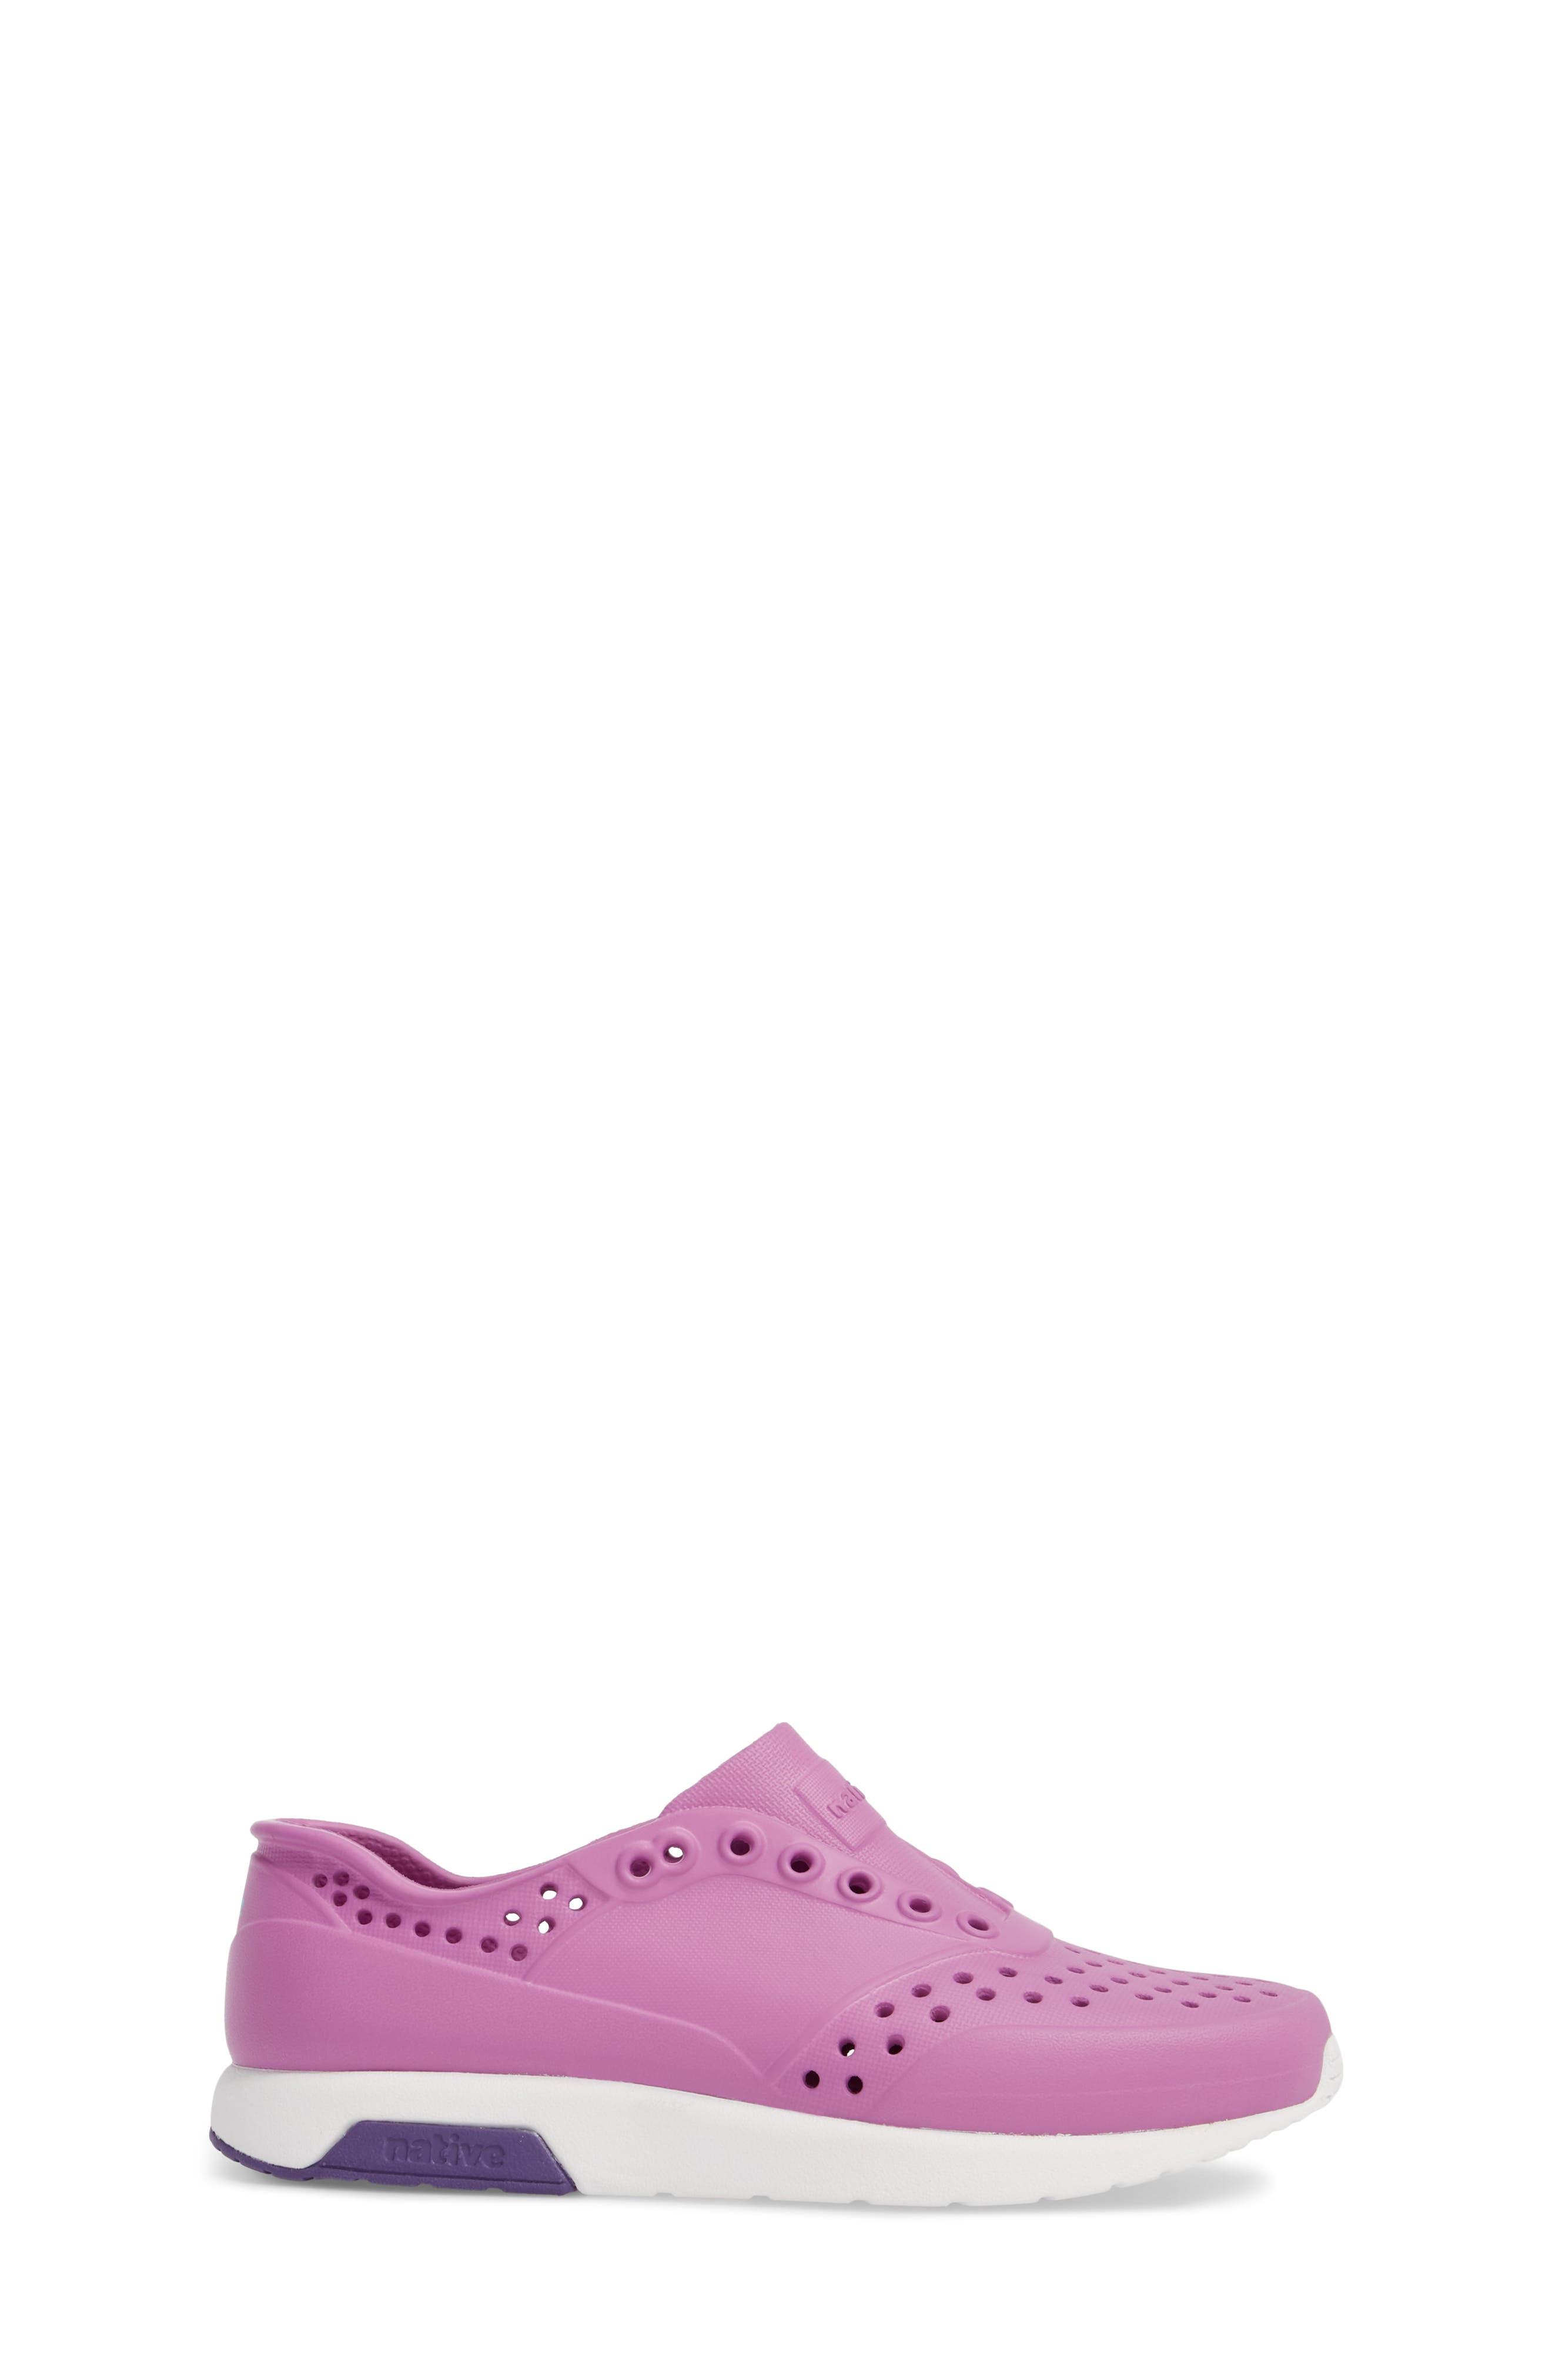 Lennox Slip-On Sneaker,                             Alternate thumbnail 3, color,                             Peace Purple/ Shell White